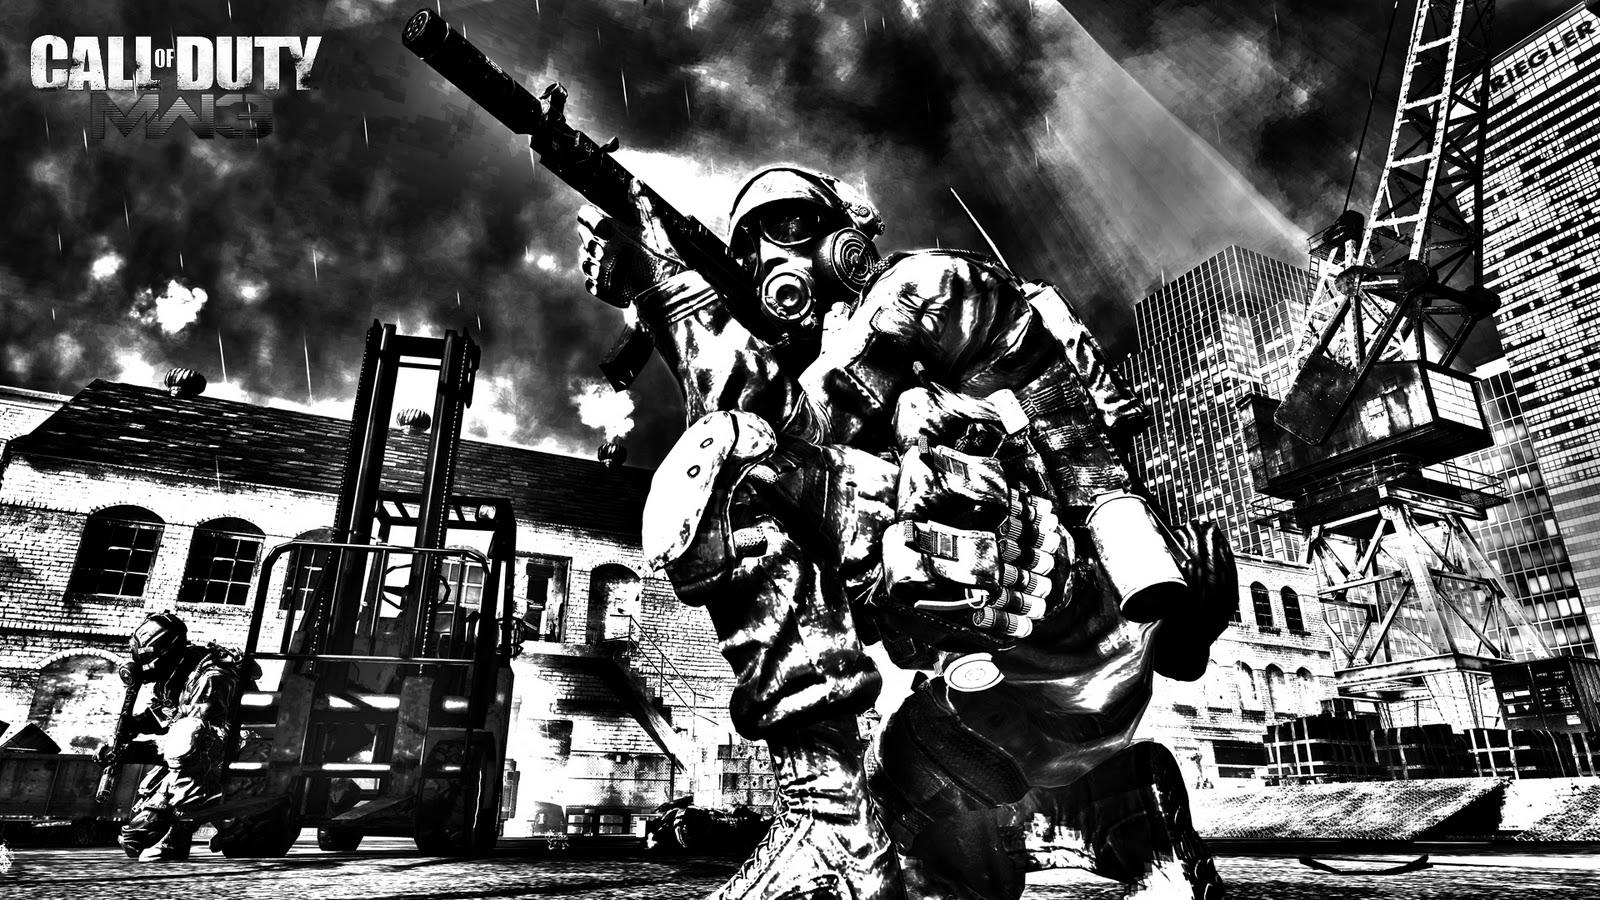 Top modern warfare wallpapers world war stories - Call of duty world war 2 background ...